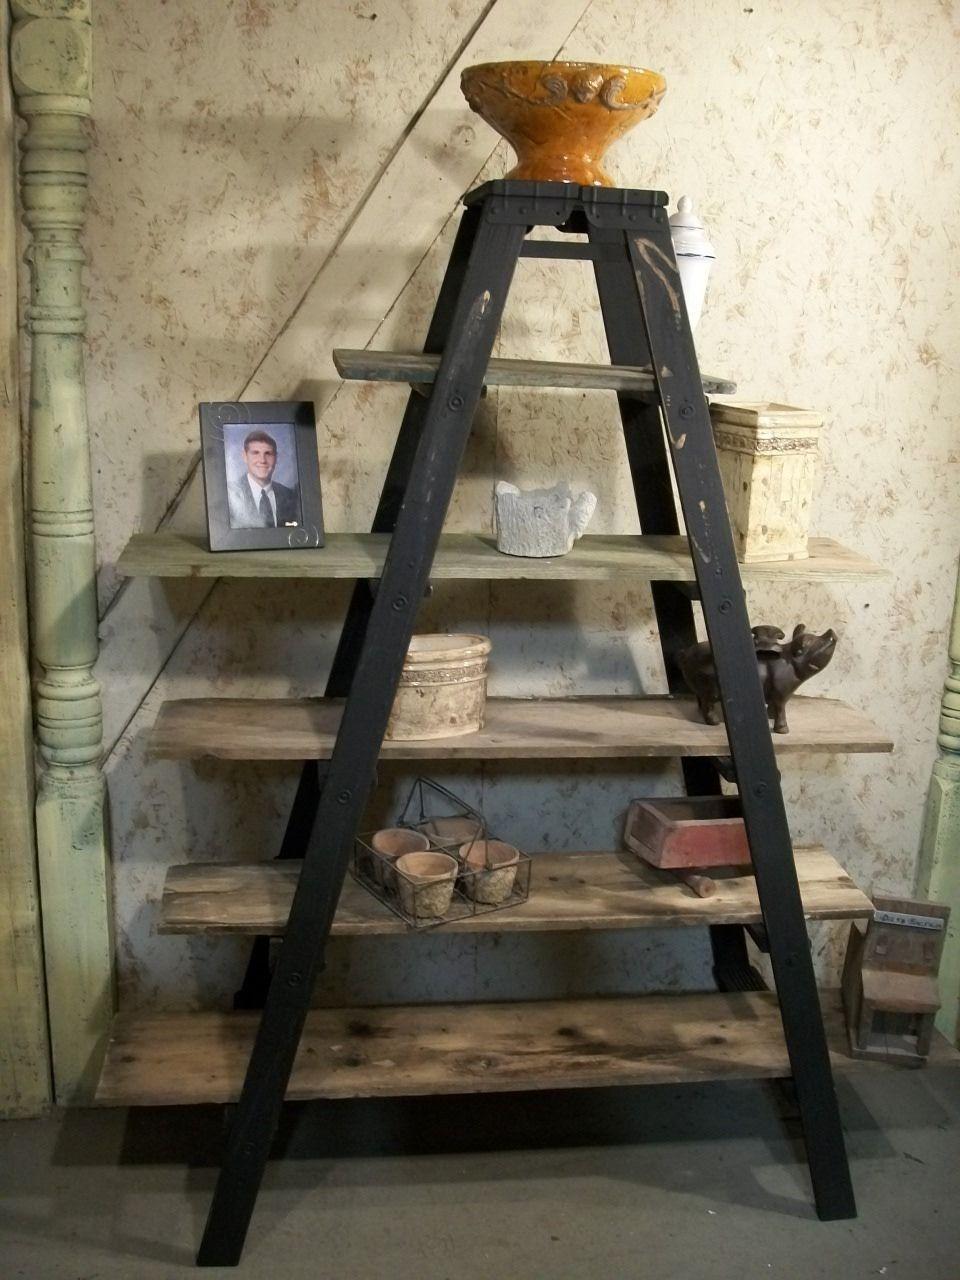 Ideas For Shelving Units Ladder Shelves Ladder Shelf Decor Ladder Shelf Wood Ladder Shelf